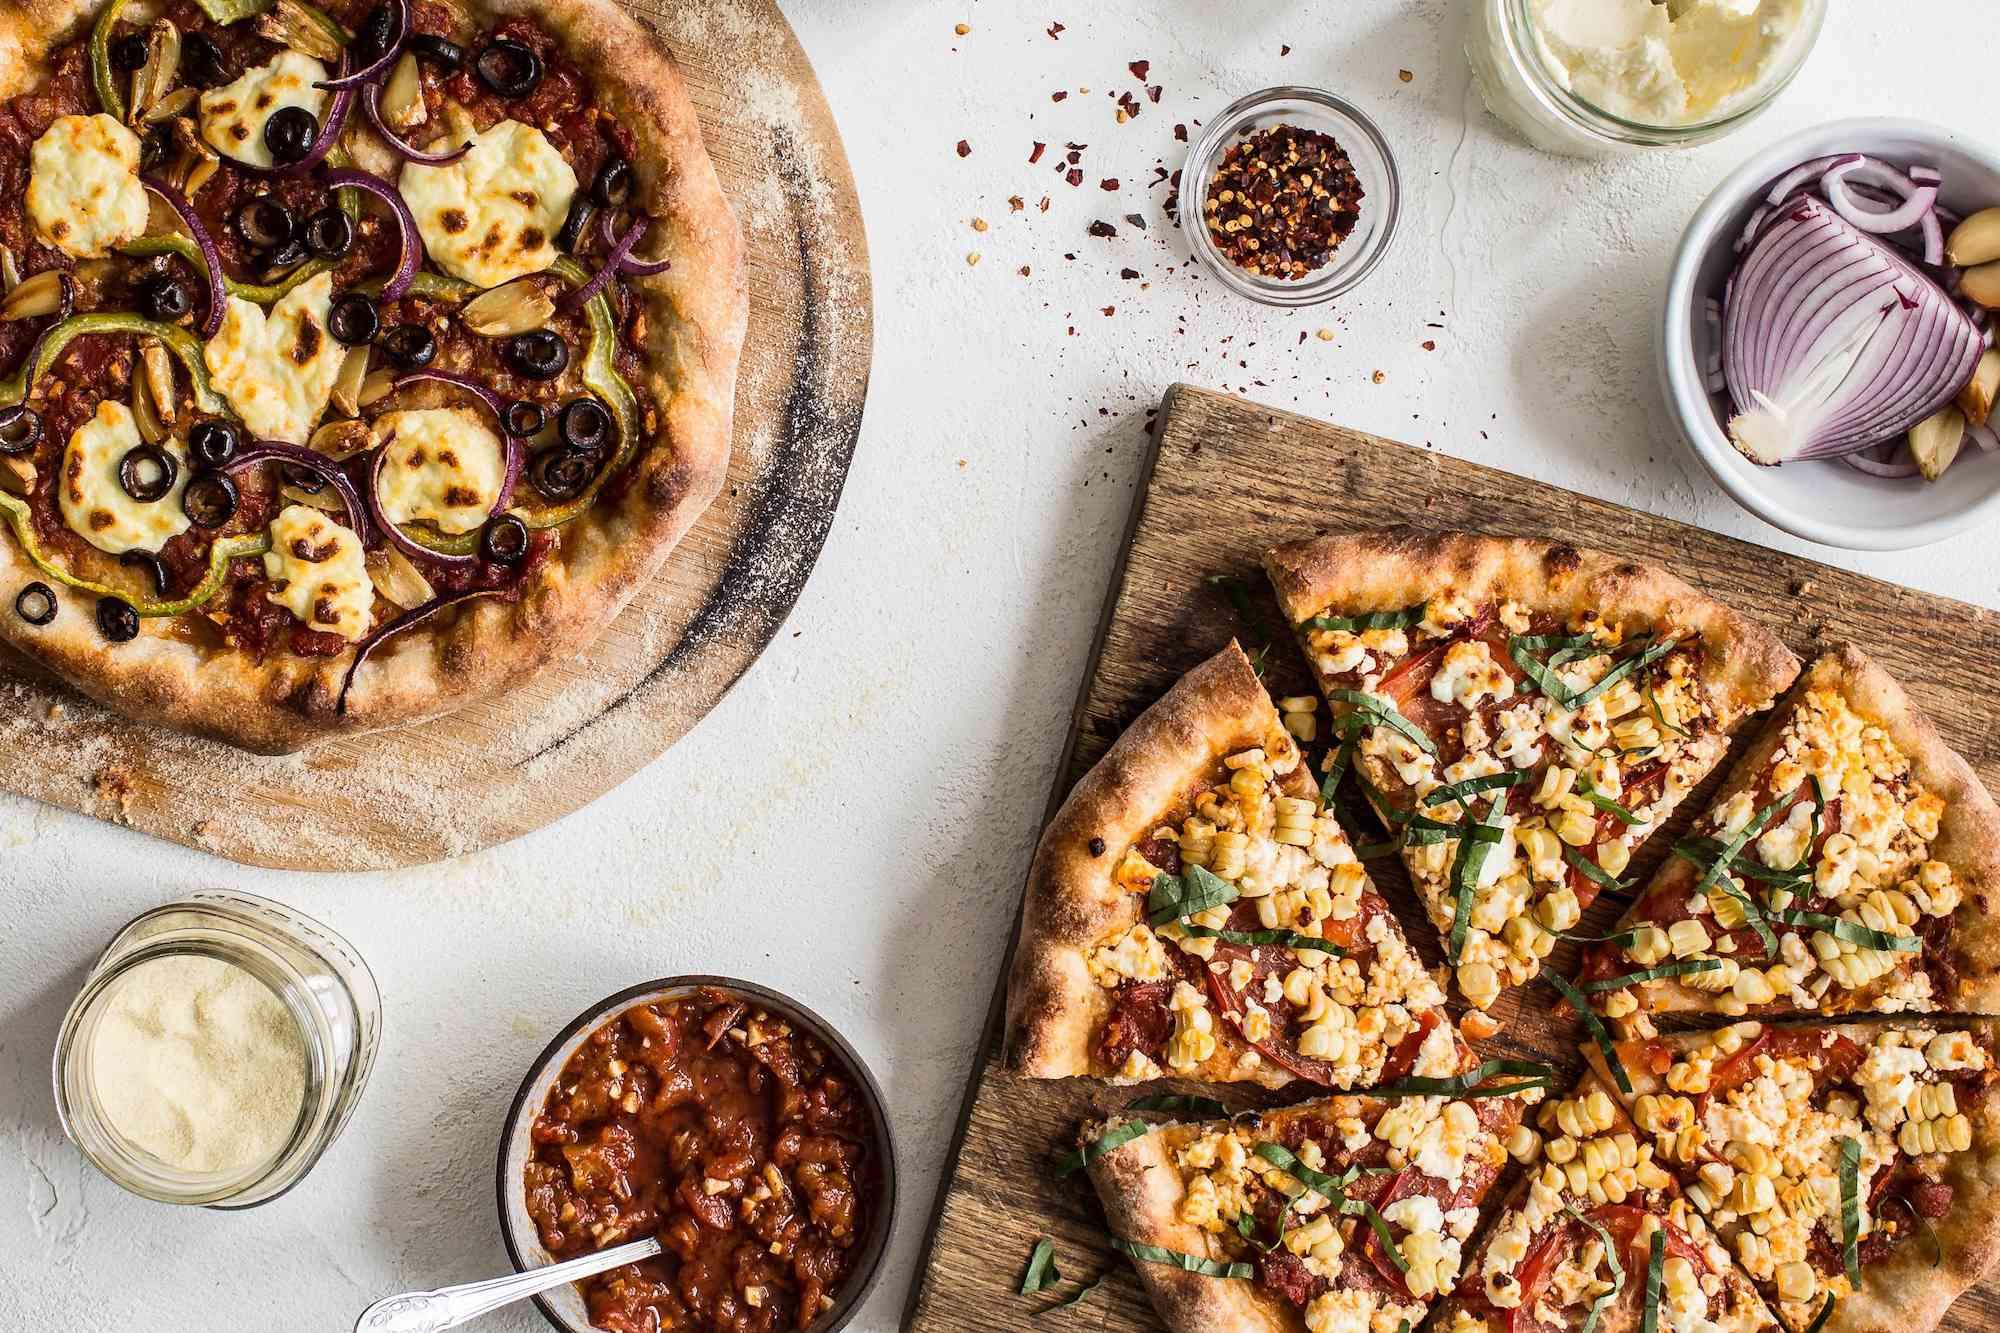 Zero Waste Chef pizzas